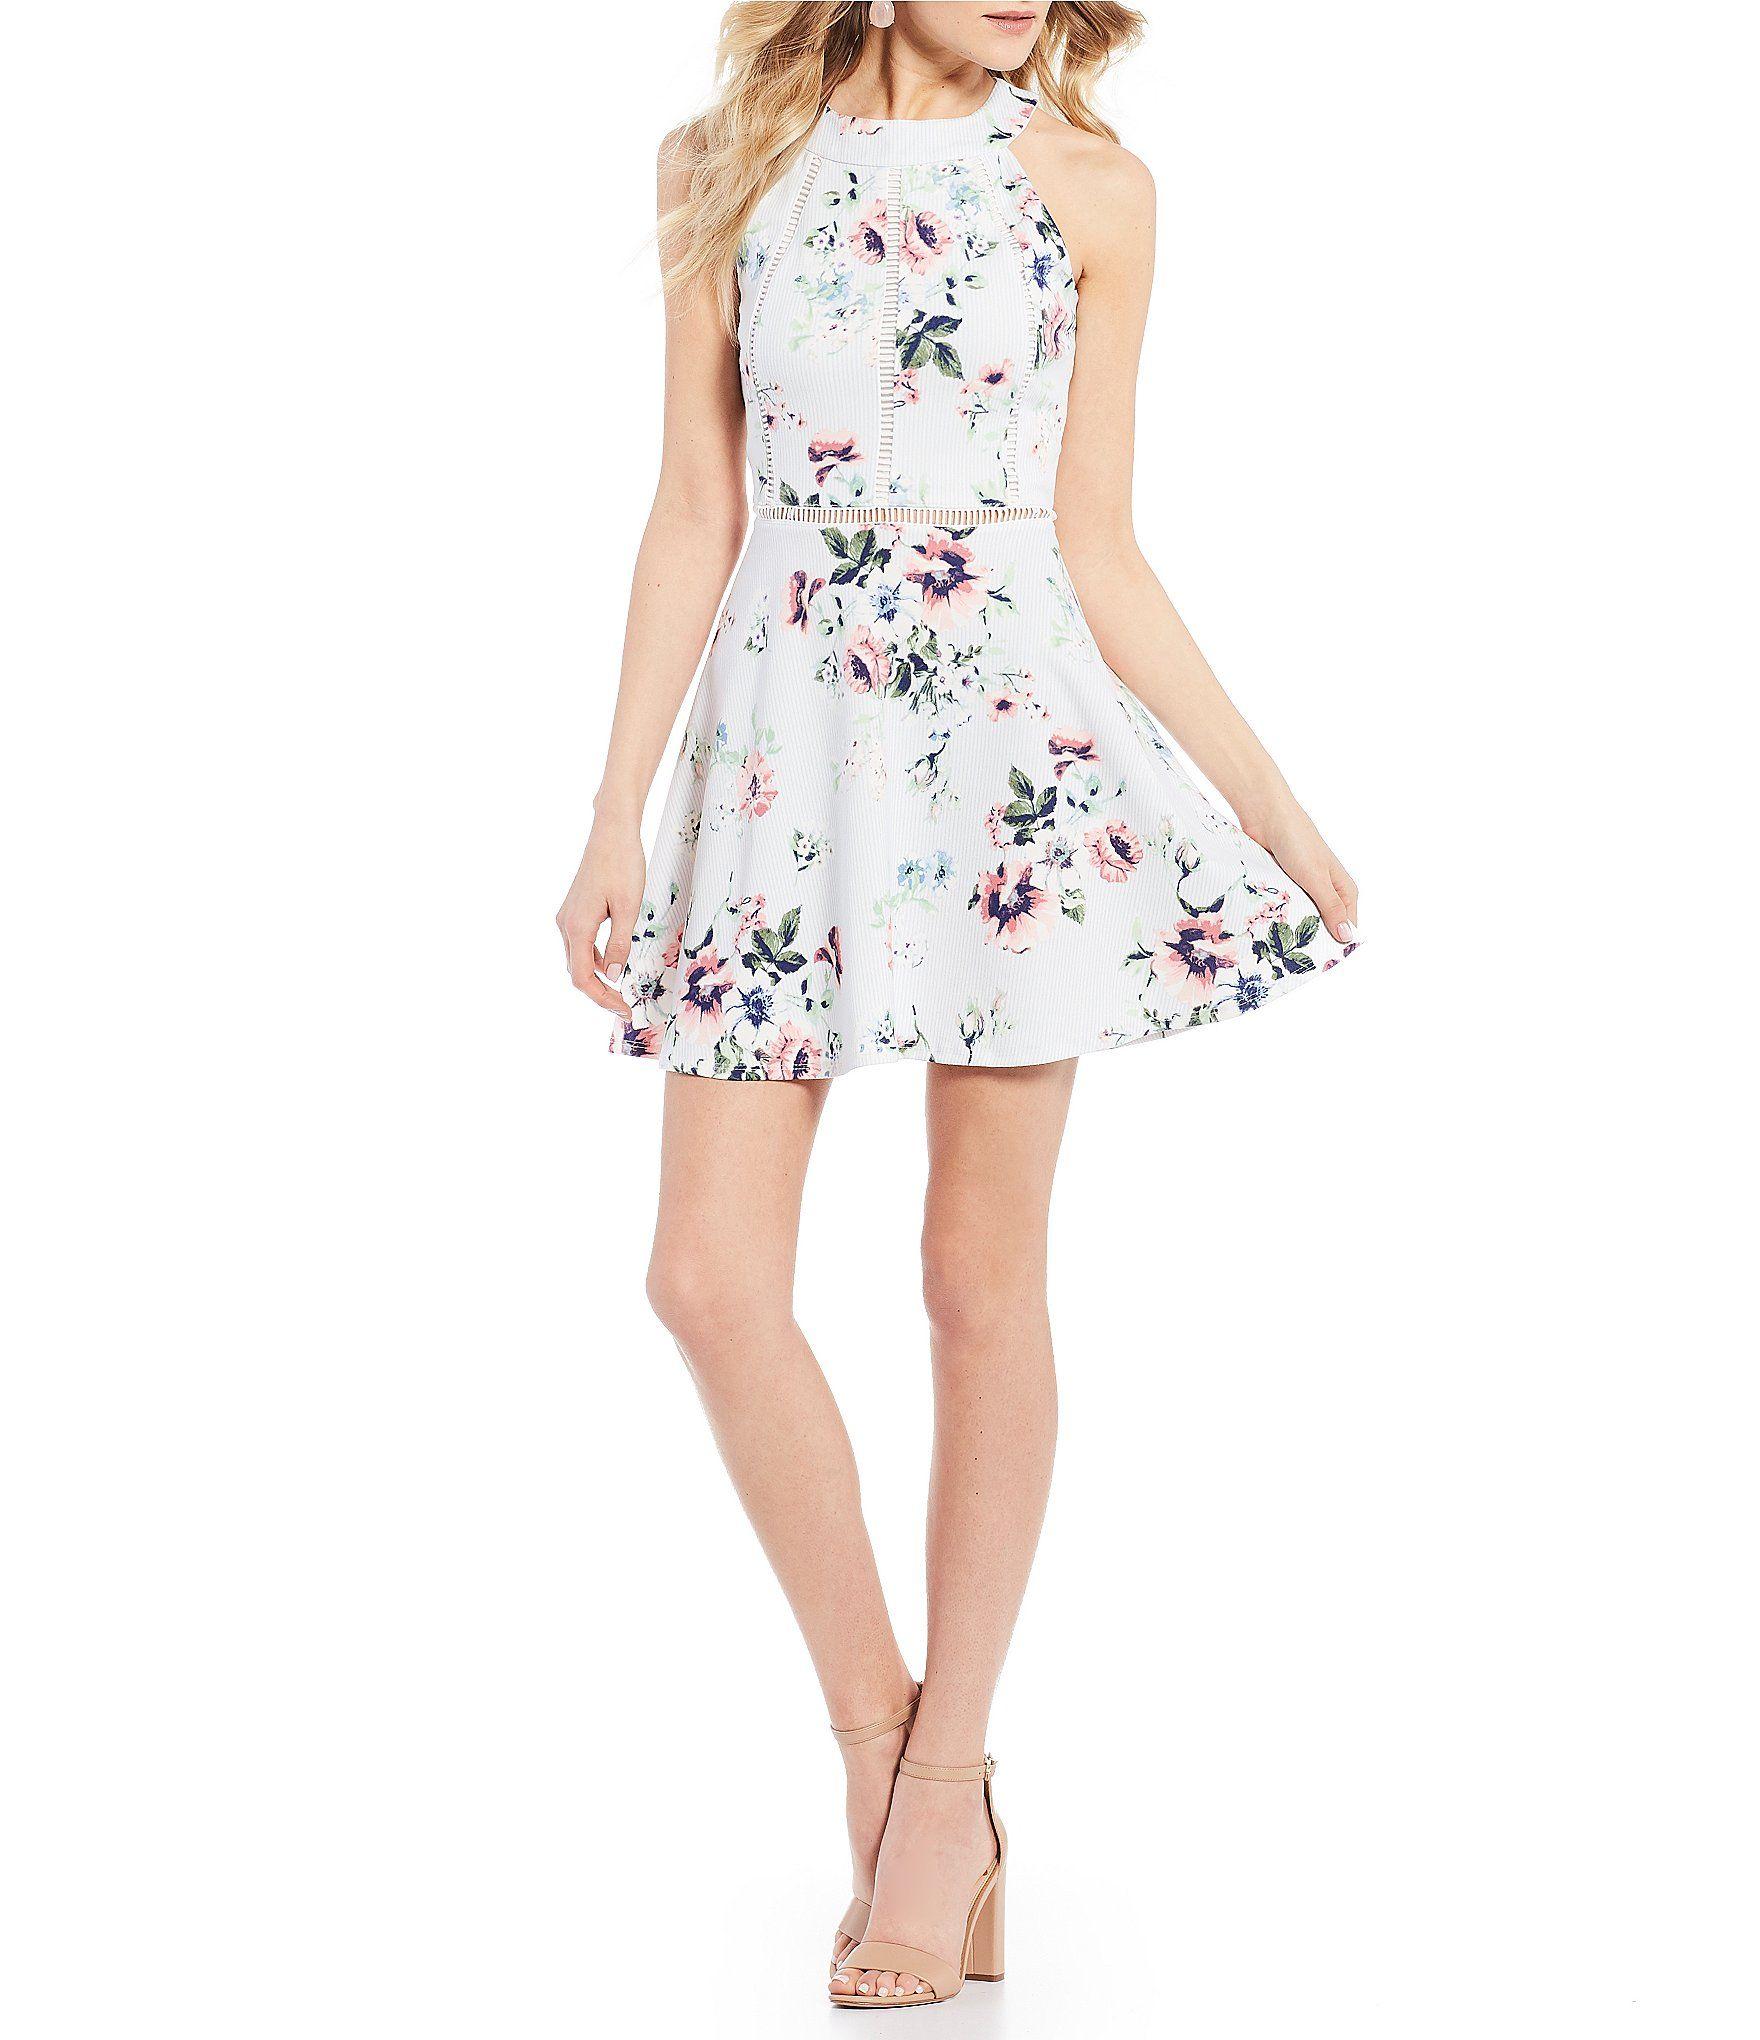 4b58ce40d41 Easter Dresses For Juniors Dillards - Data Dynamic AG